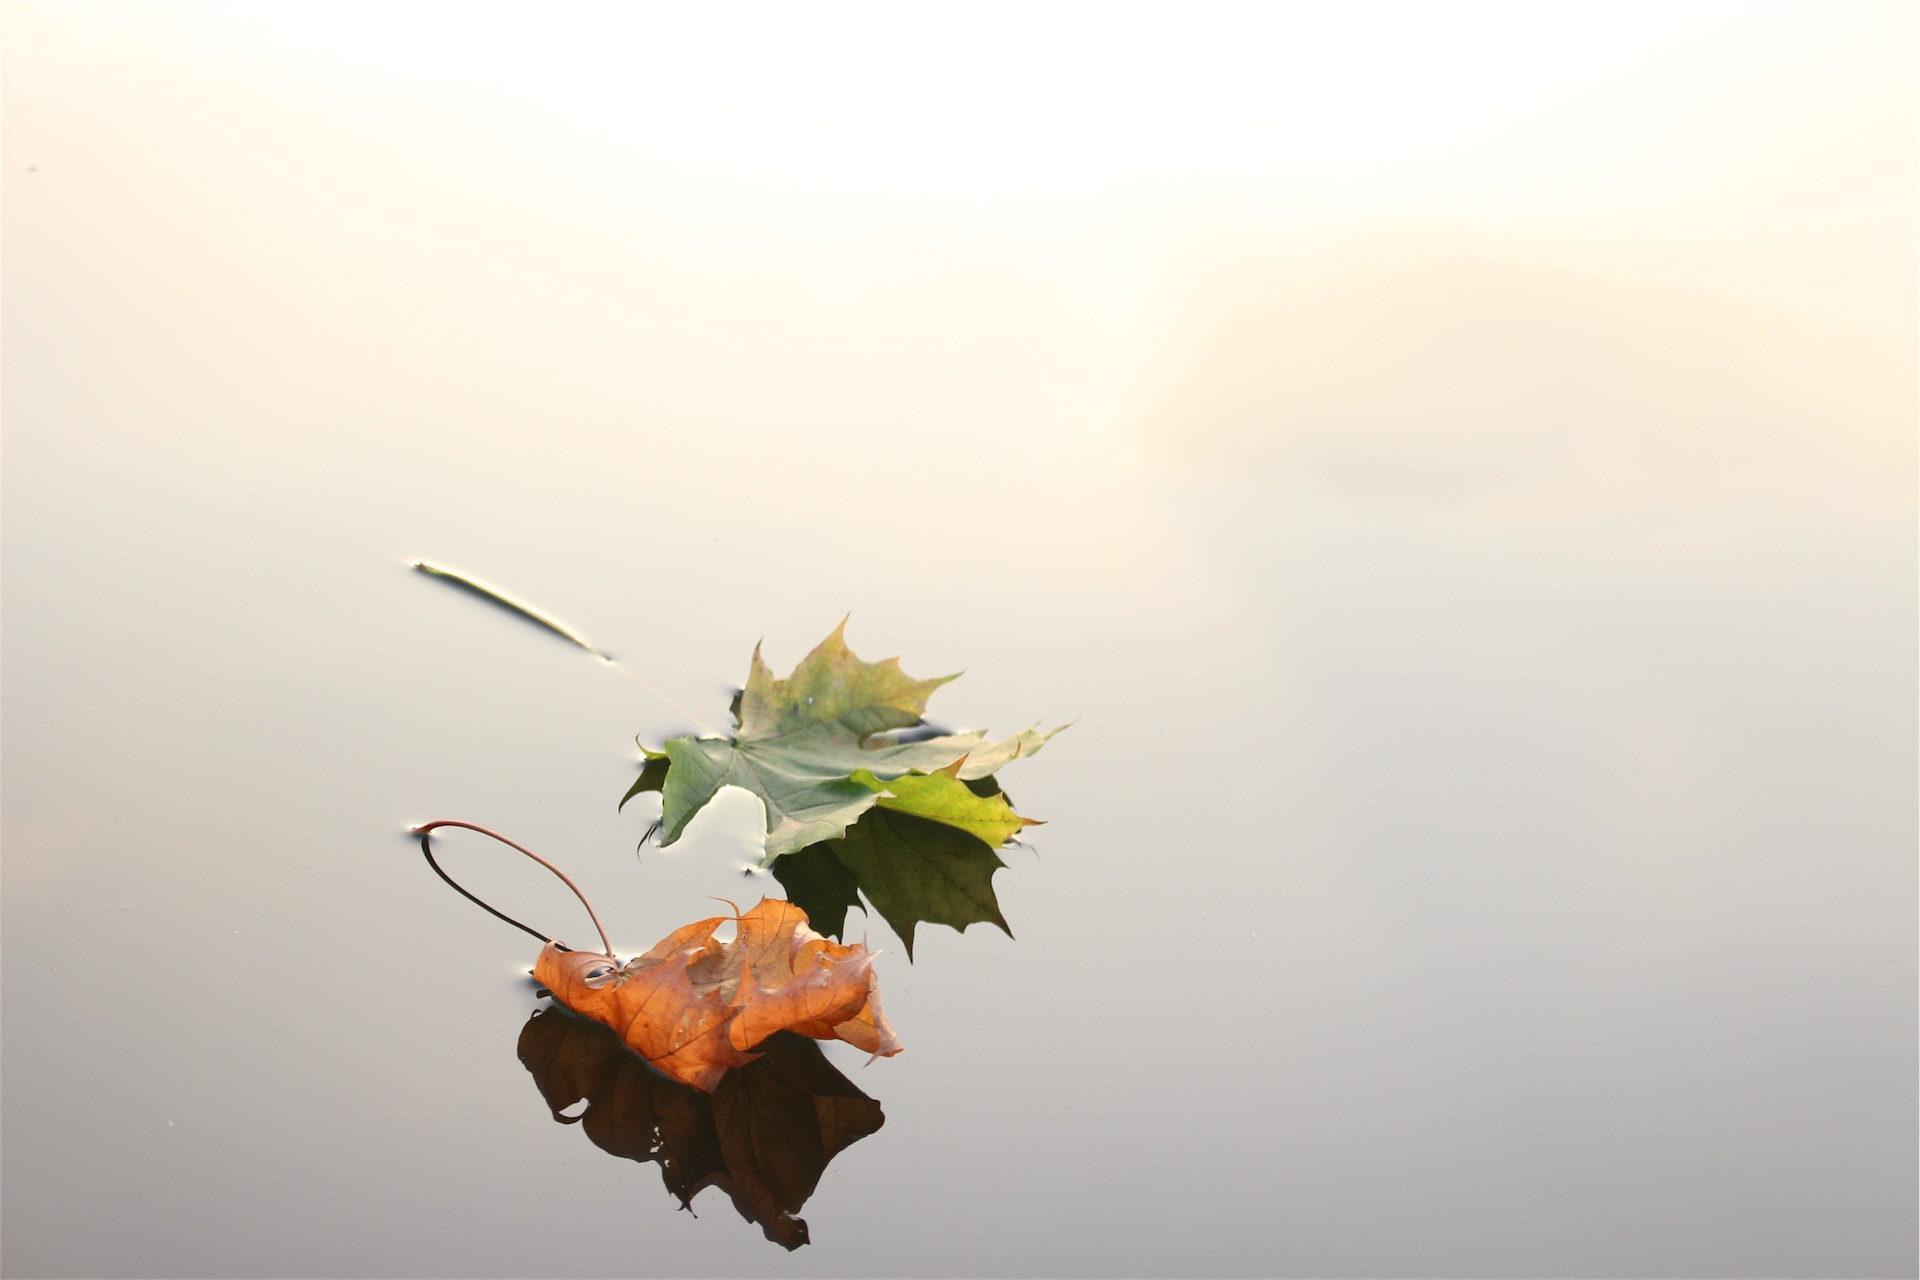 листья, пруд, Озеро, Грин, Браун - Обои HD - Профессор falken.com